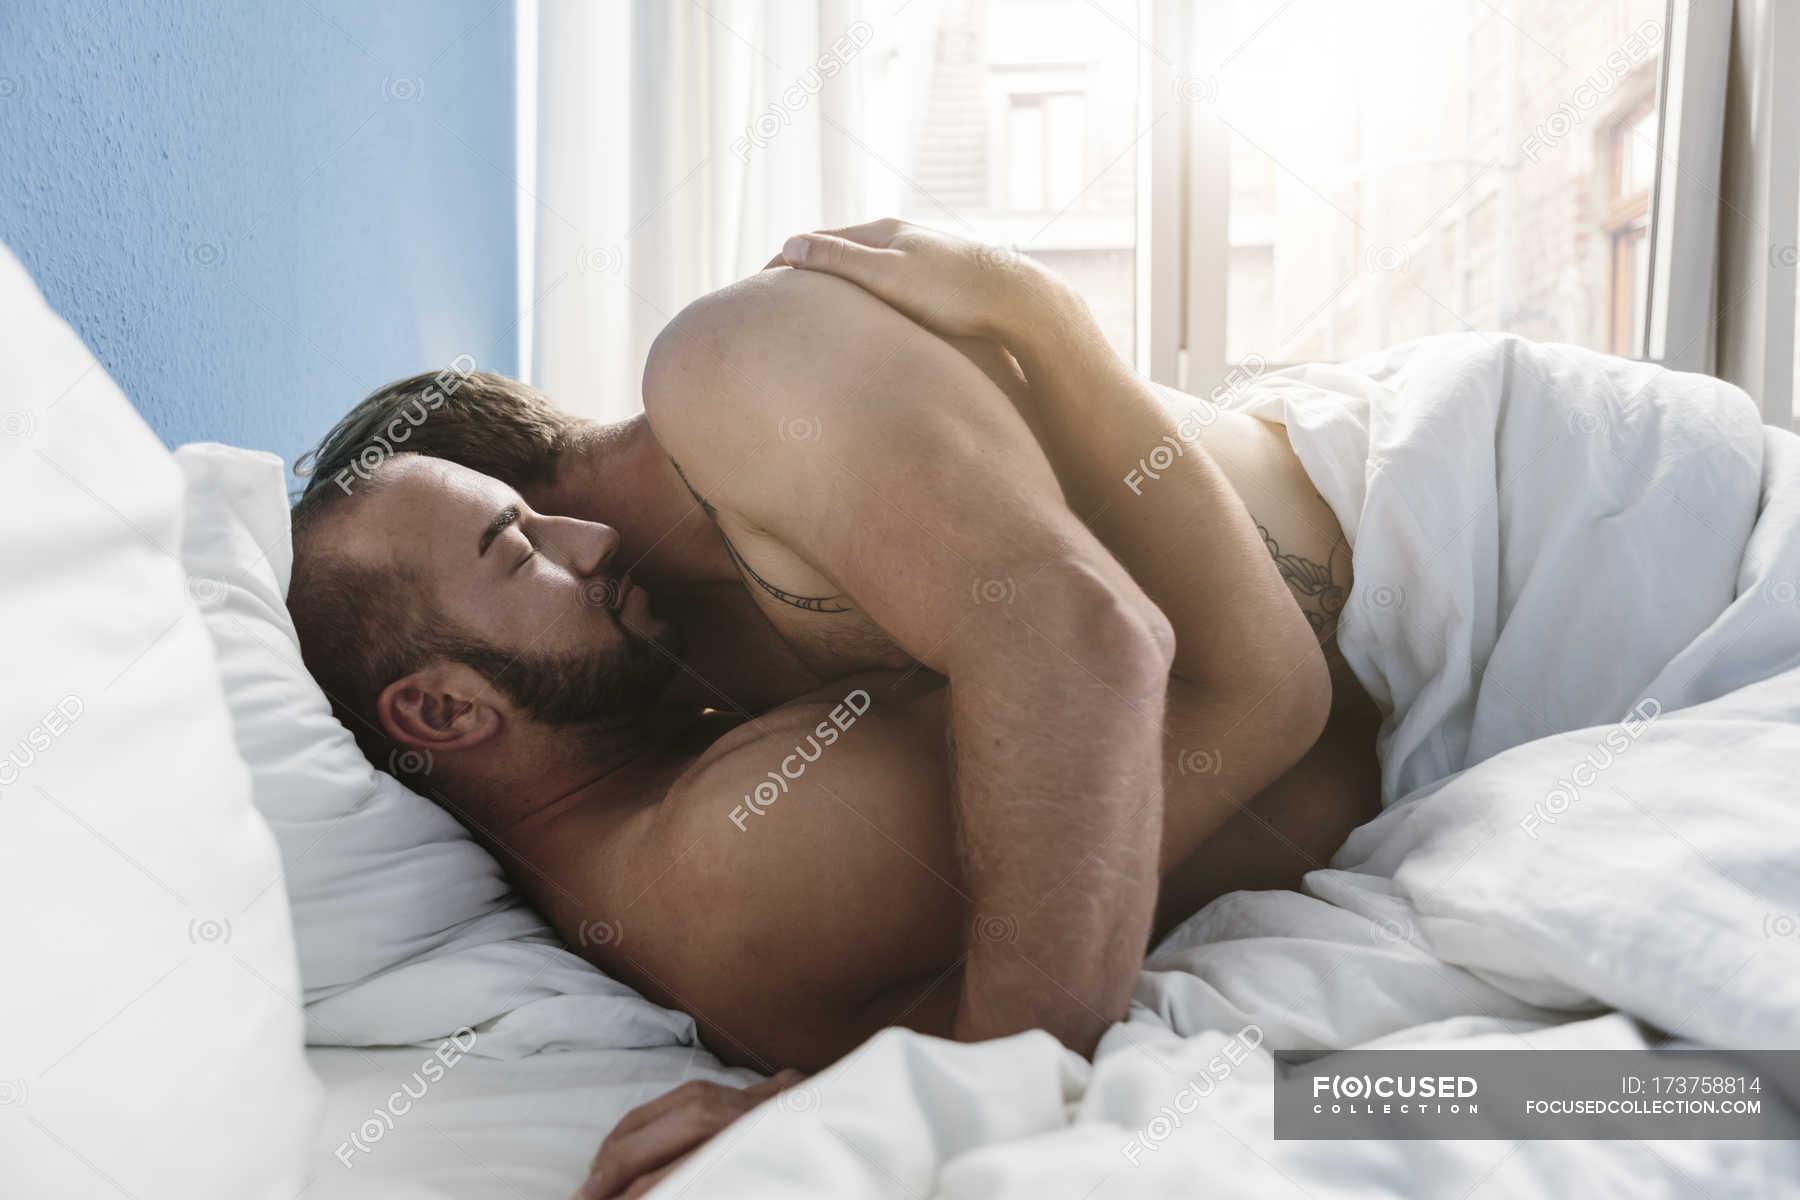 С кузиной в постели, Дядя с удовольствием трахнул кузину, пришедшую с пар 15 фотография